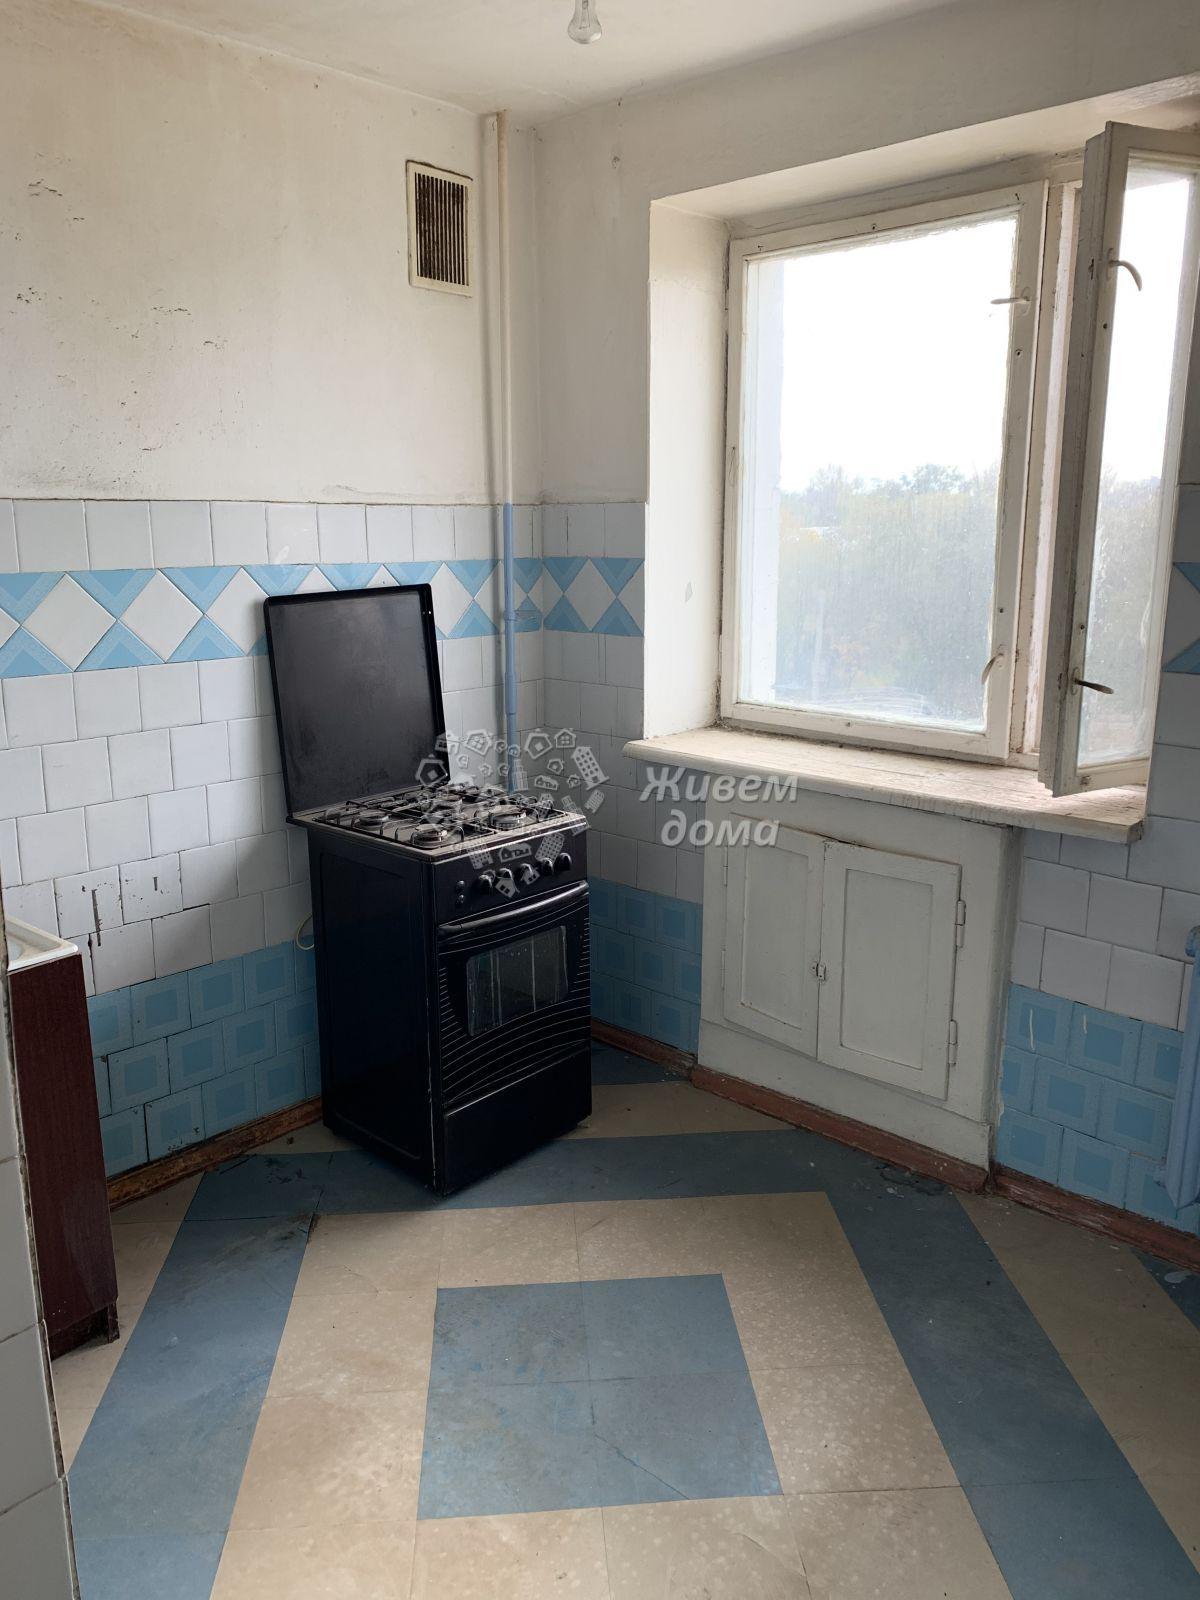 Квартира на продажу по адресу Россия, Волгоградская область, Волжский, Горького ул, 27